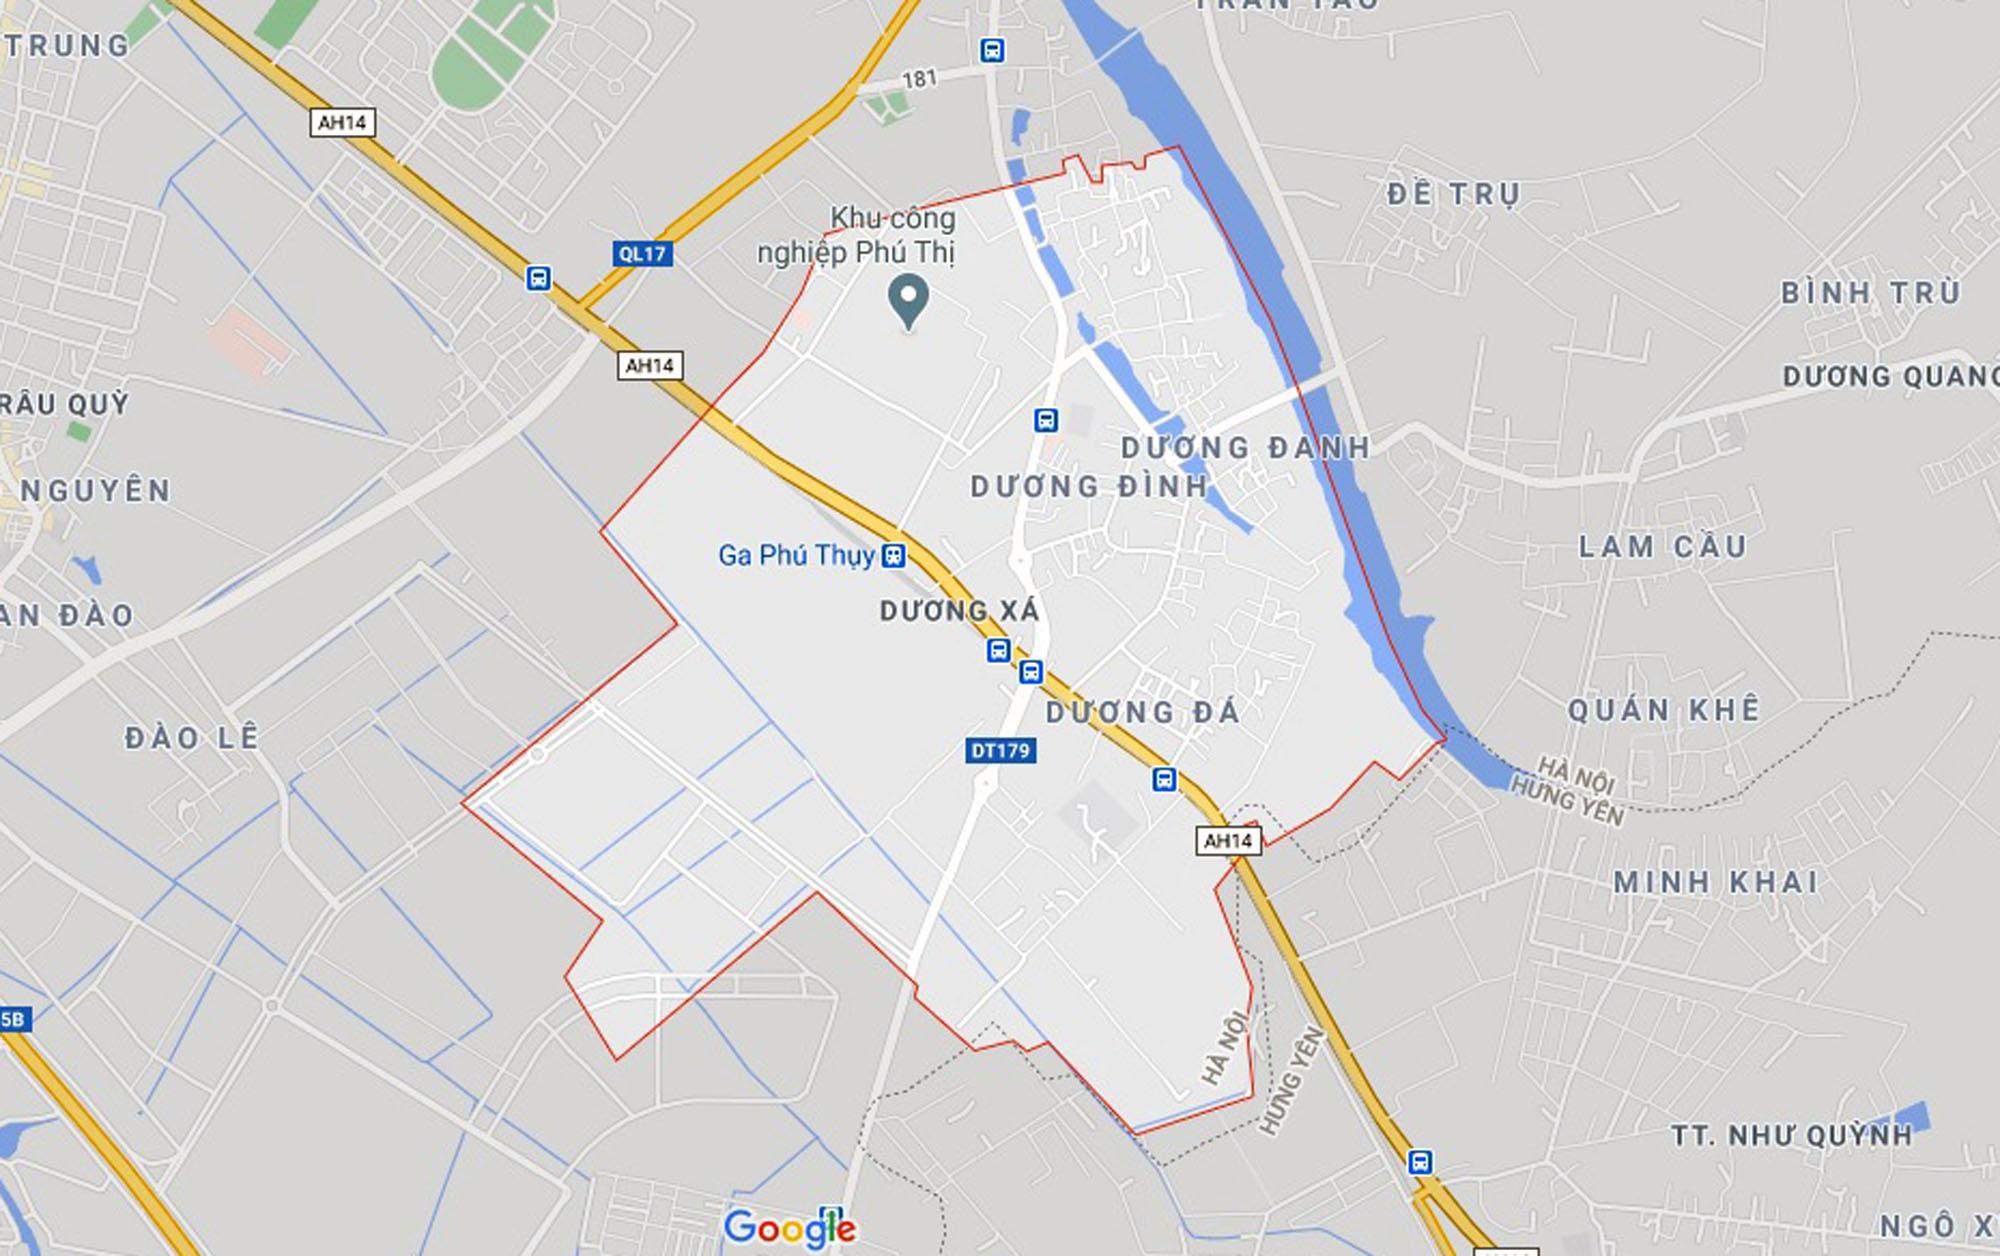 4 đường sẽ mở theo qui hoạch ở xã Dương Xá, Gia Lâm, Hà Nội - Ảnh 1.